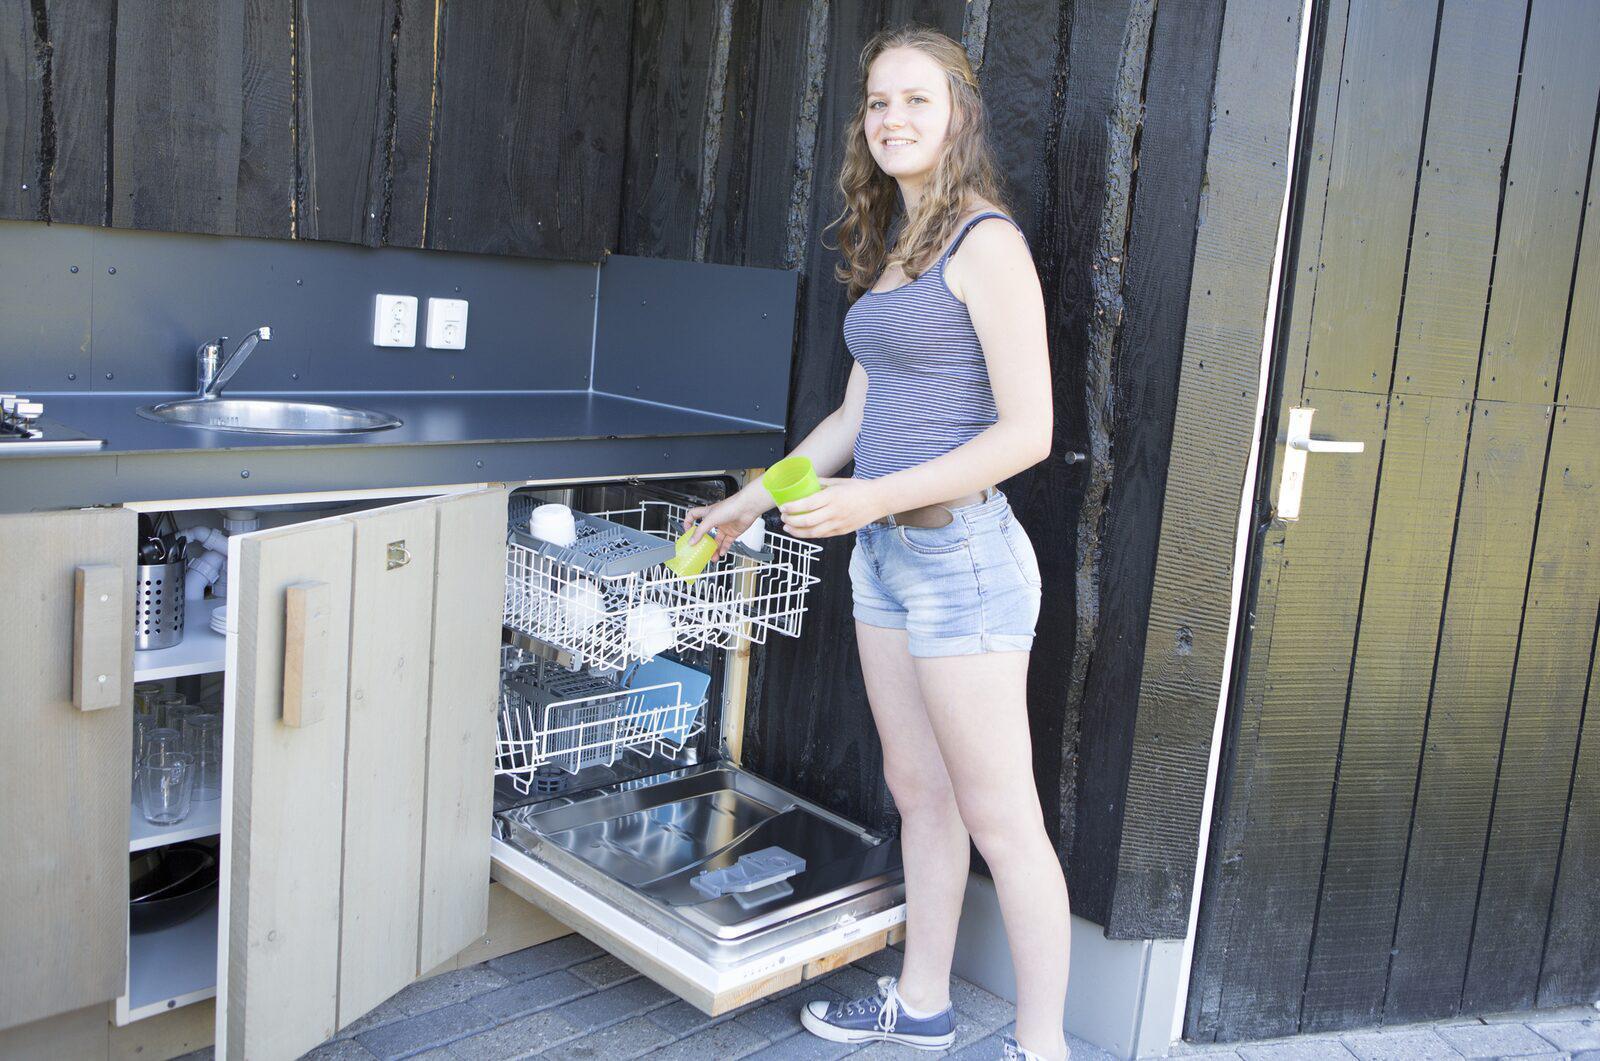 Kampeerplaats met Privé sanitair en buitenkeuken | Norgerberg